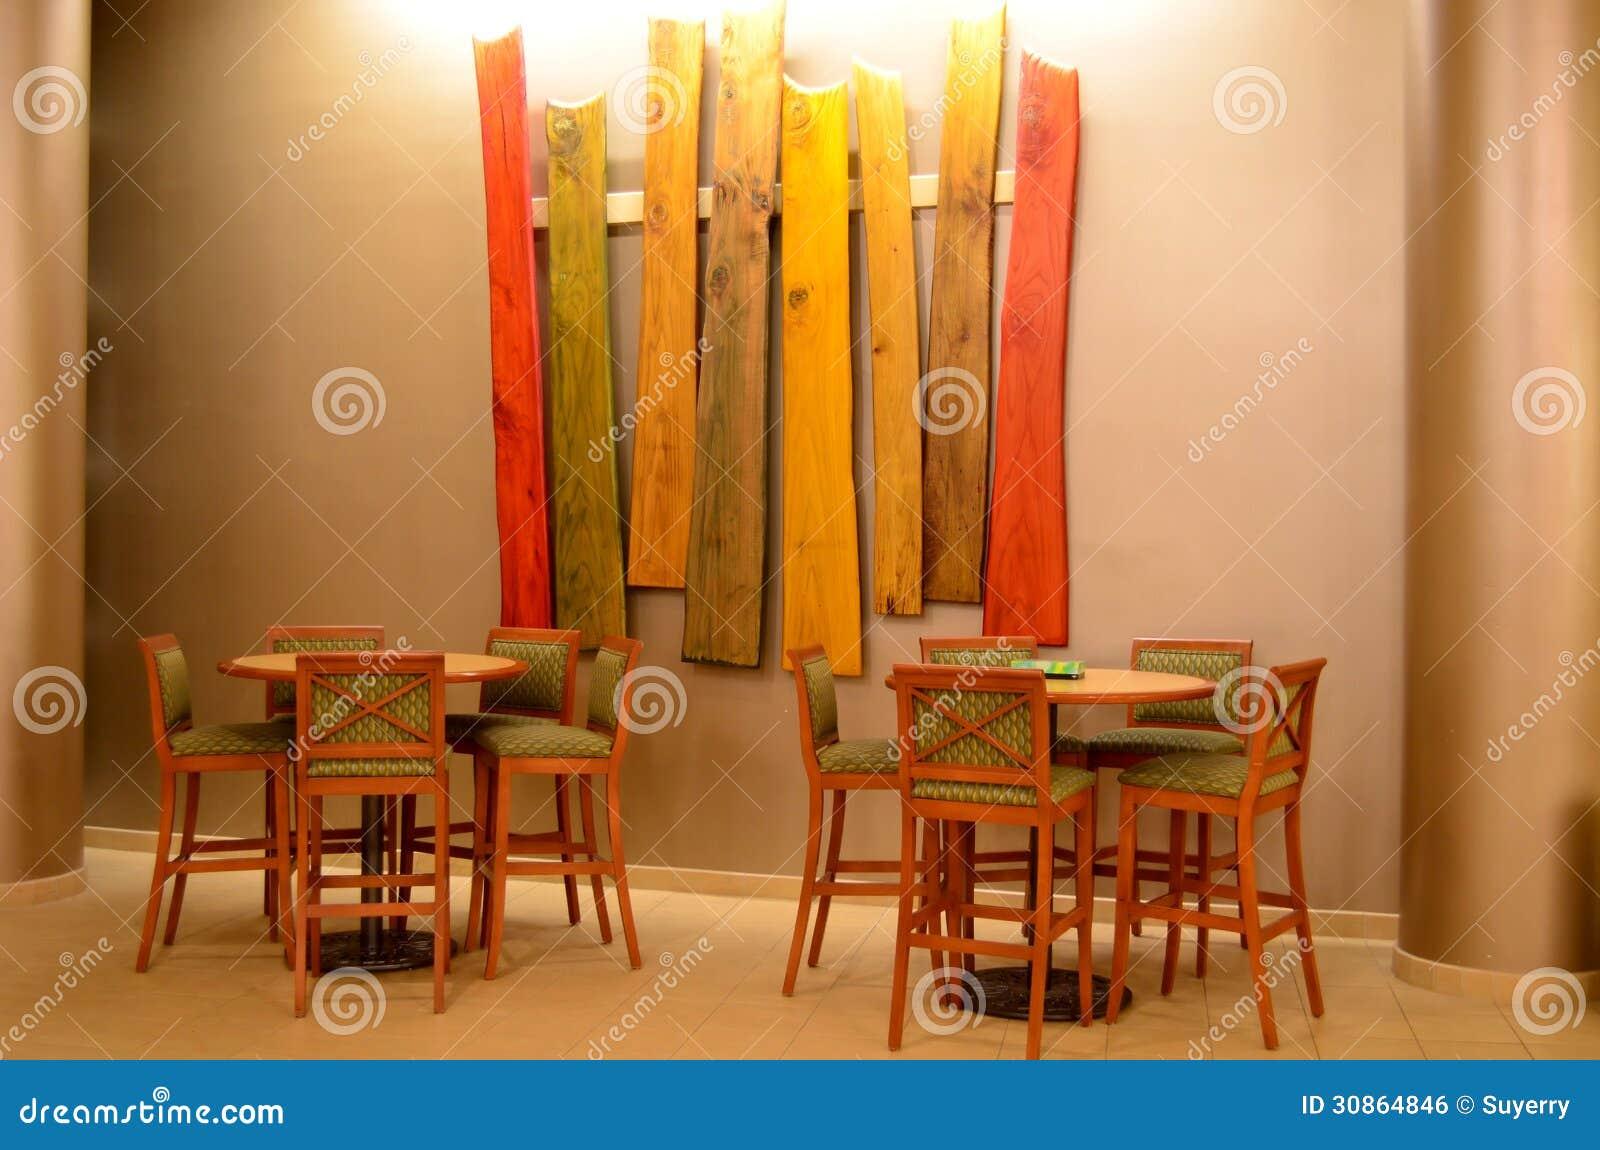 Taburetes de bar y tablas arte de madera imagen de for Taburetes de bar de madera